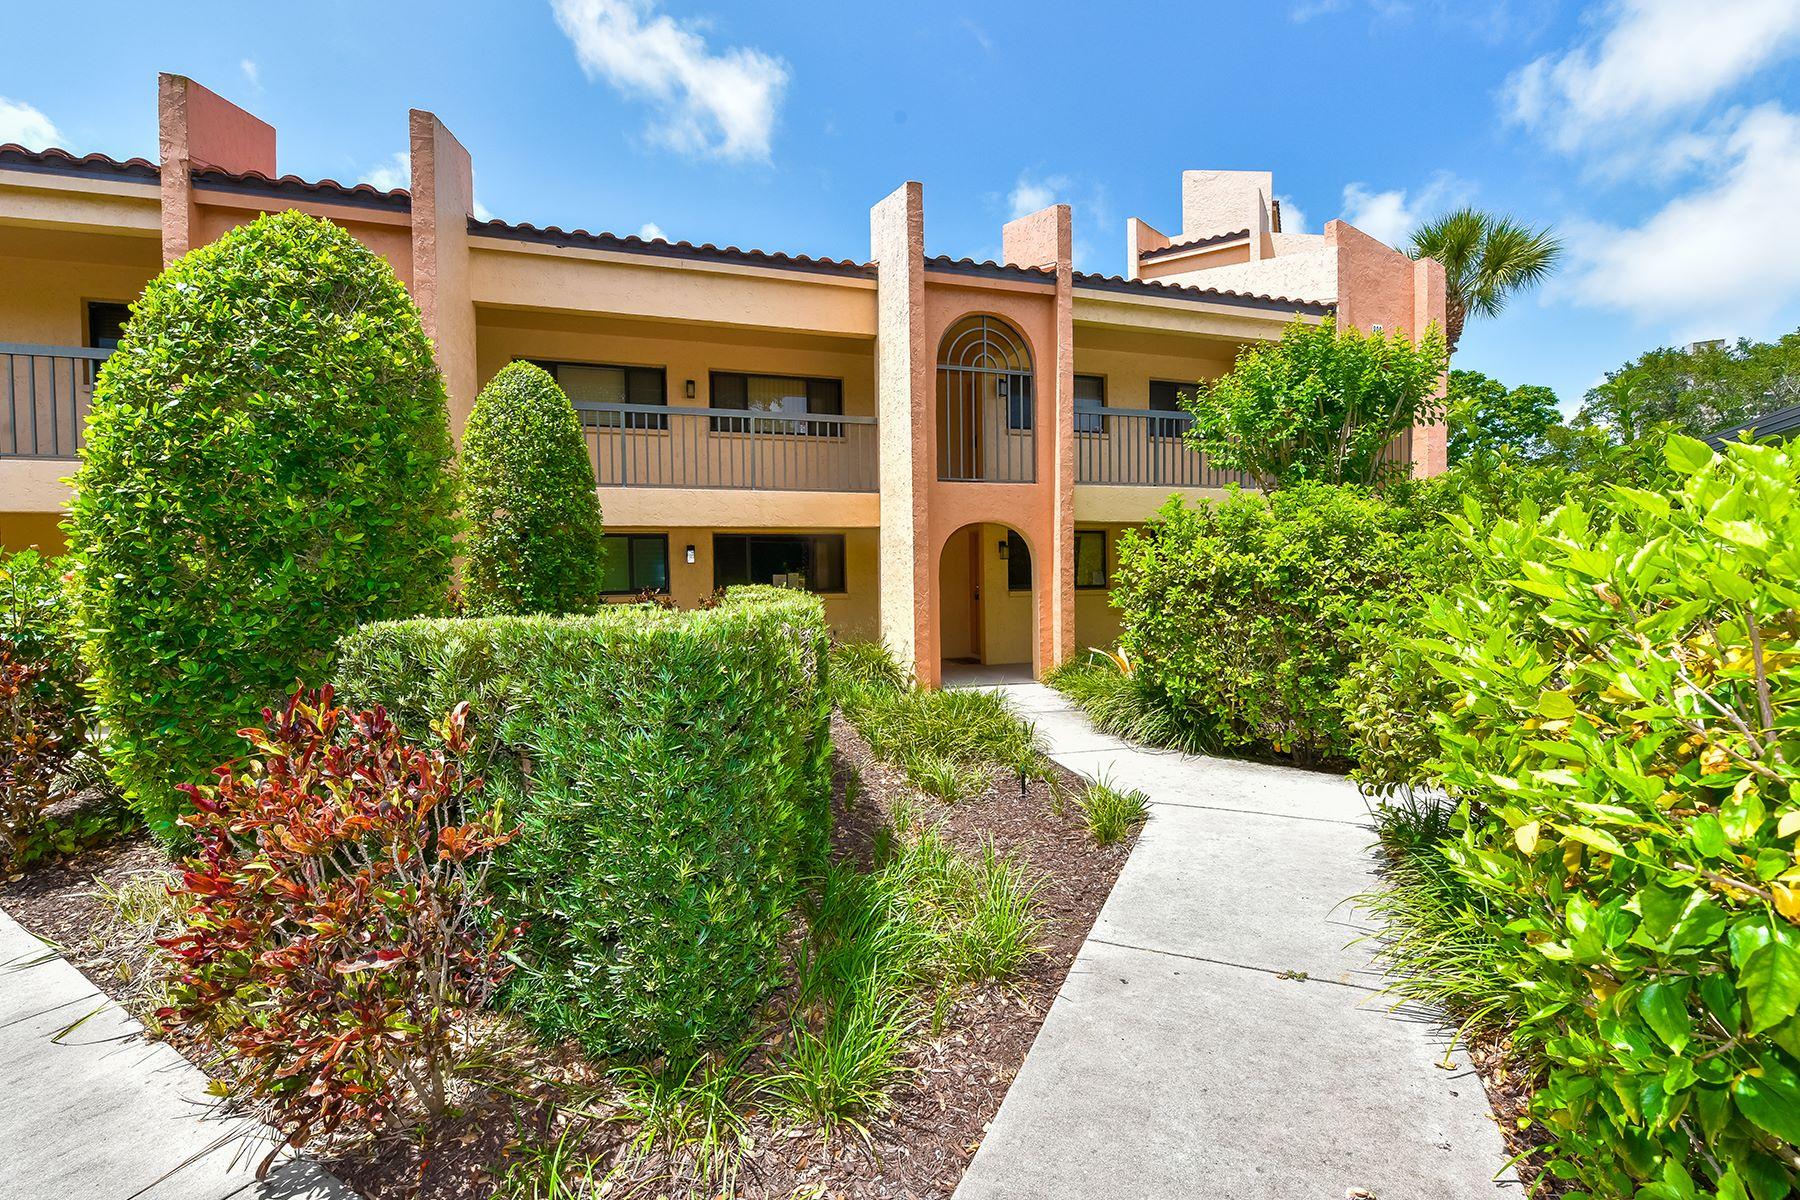 Eigentumswohnung für Verkauf beim HUDSON HARBOUR 800 Hudson Ave 105 Sarasota, Florida, 34236 Vereinigte Staaten